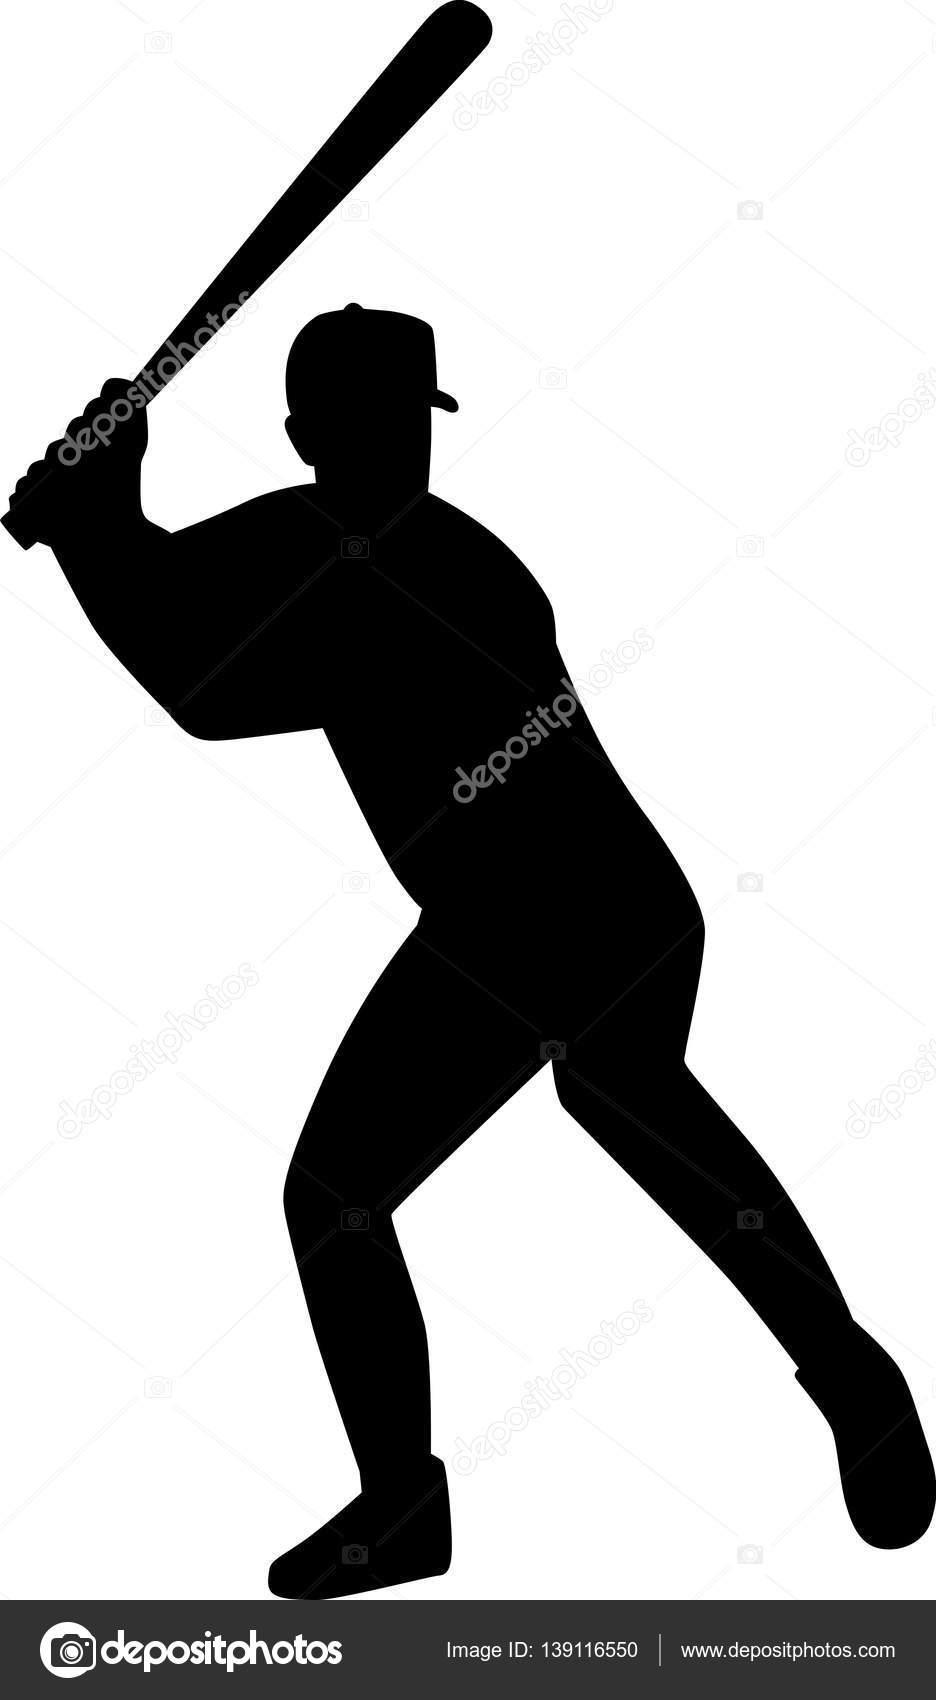 Baseball batter silhouette clip art